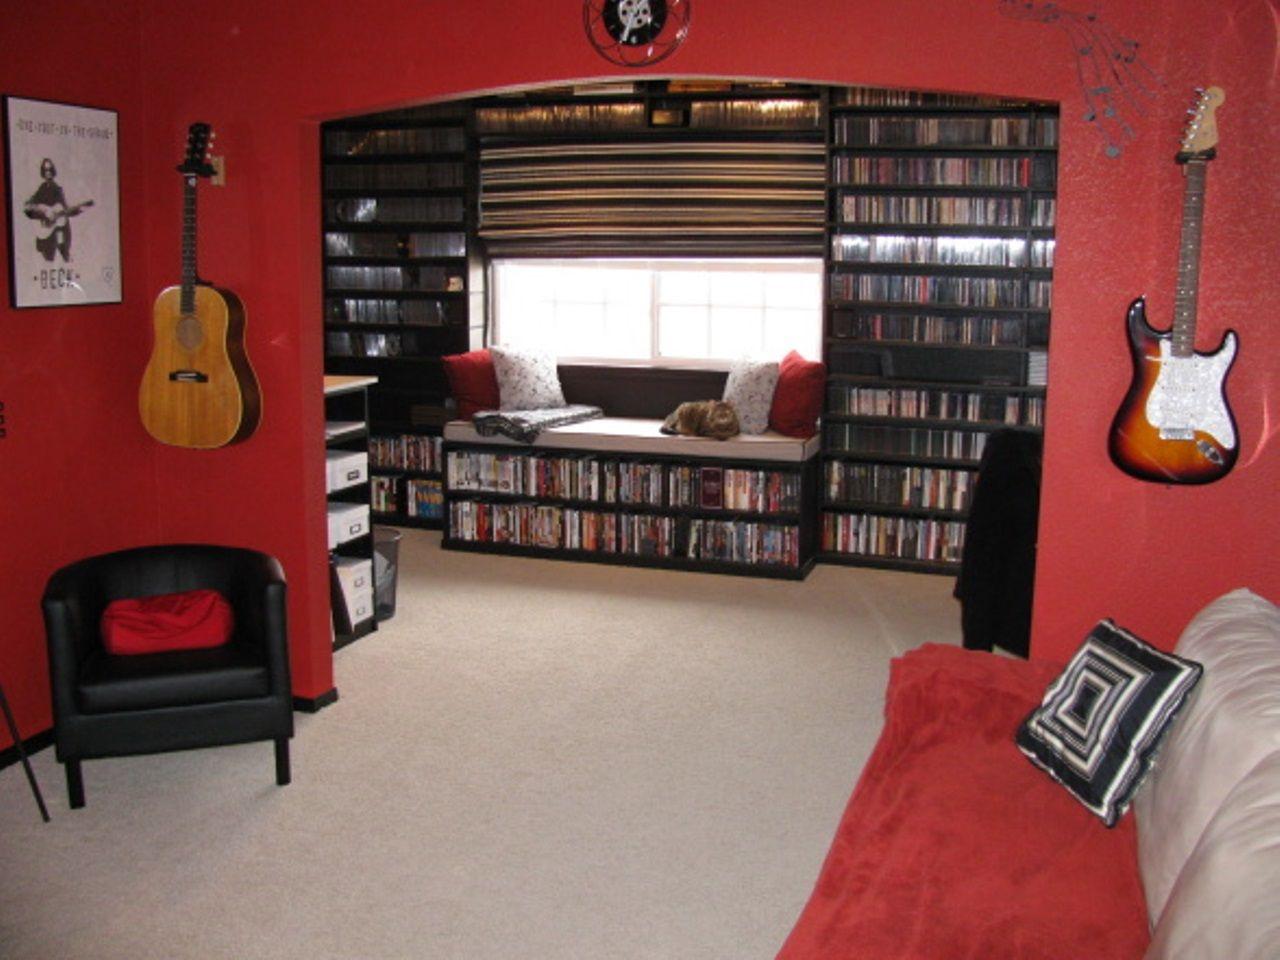 music room ideas  Music Room Ideas  Pinterest  Room